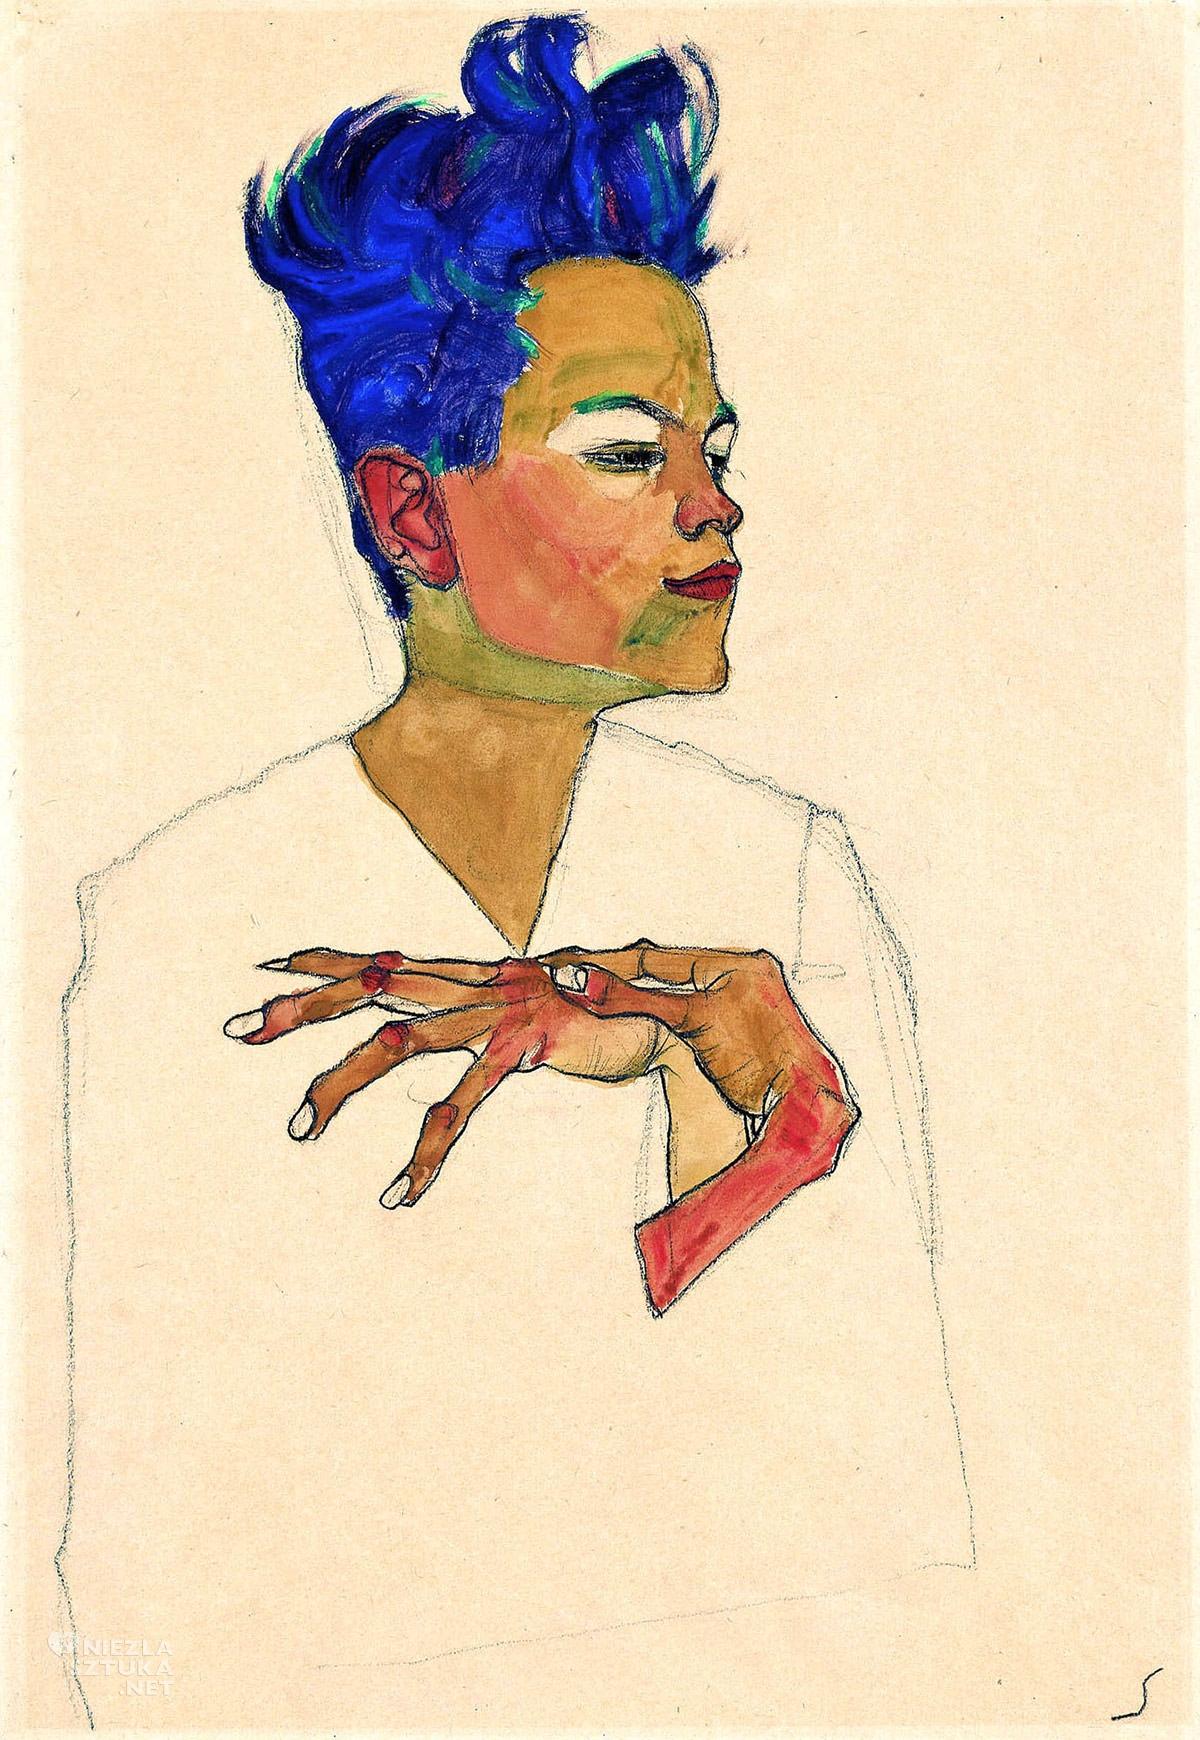 Egon Schiele, Autoportret z dłońmi na klatce piersiowej, autoportret artysty, sztuka austriacka, Niezła Sztuka